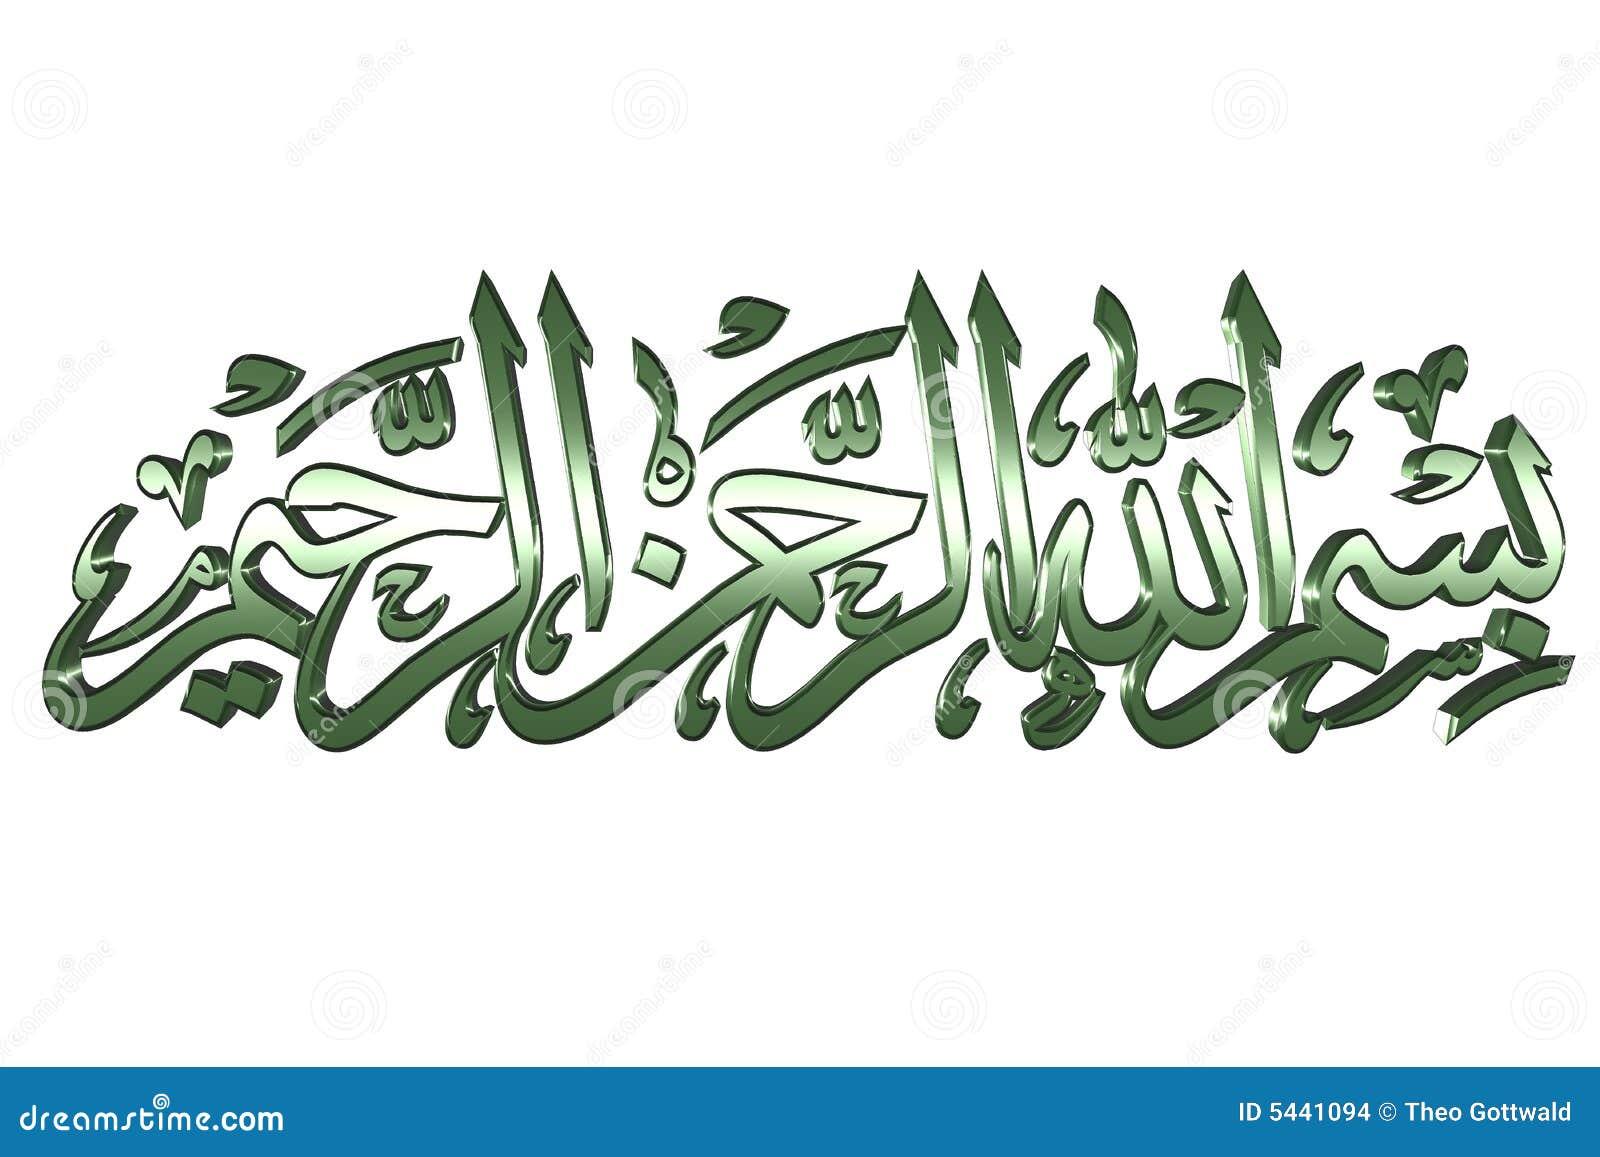 Modlitwa islamski, symbol